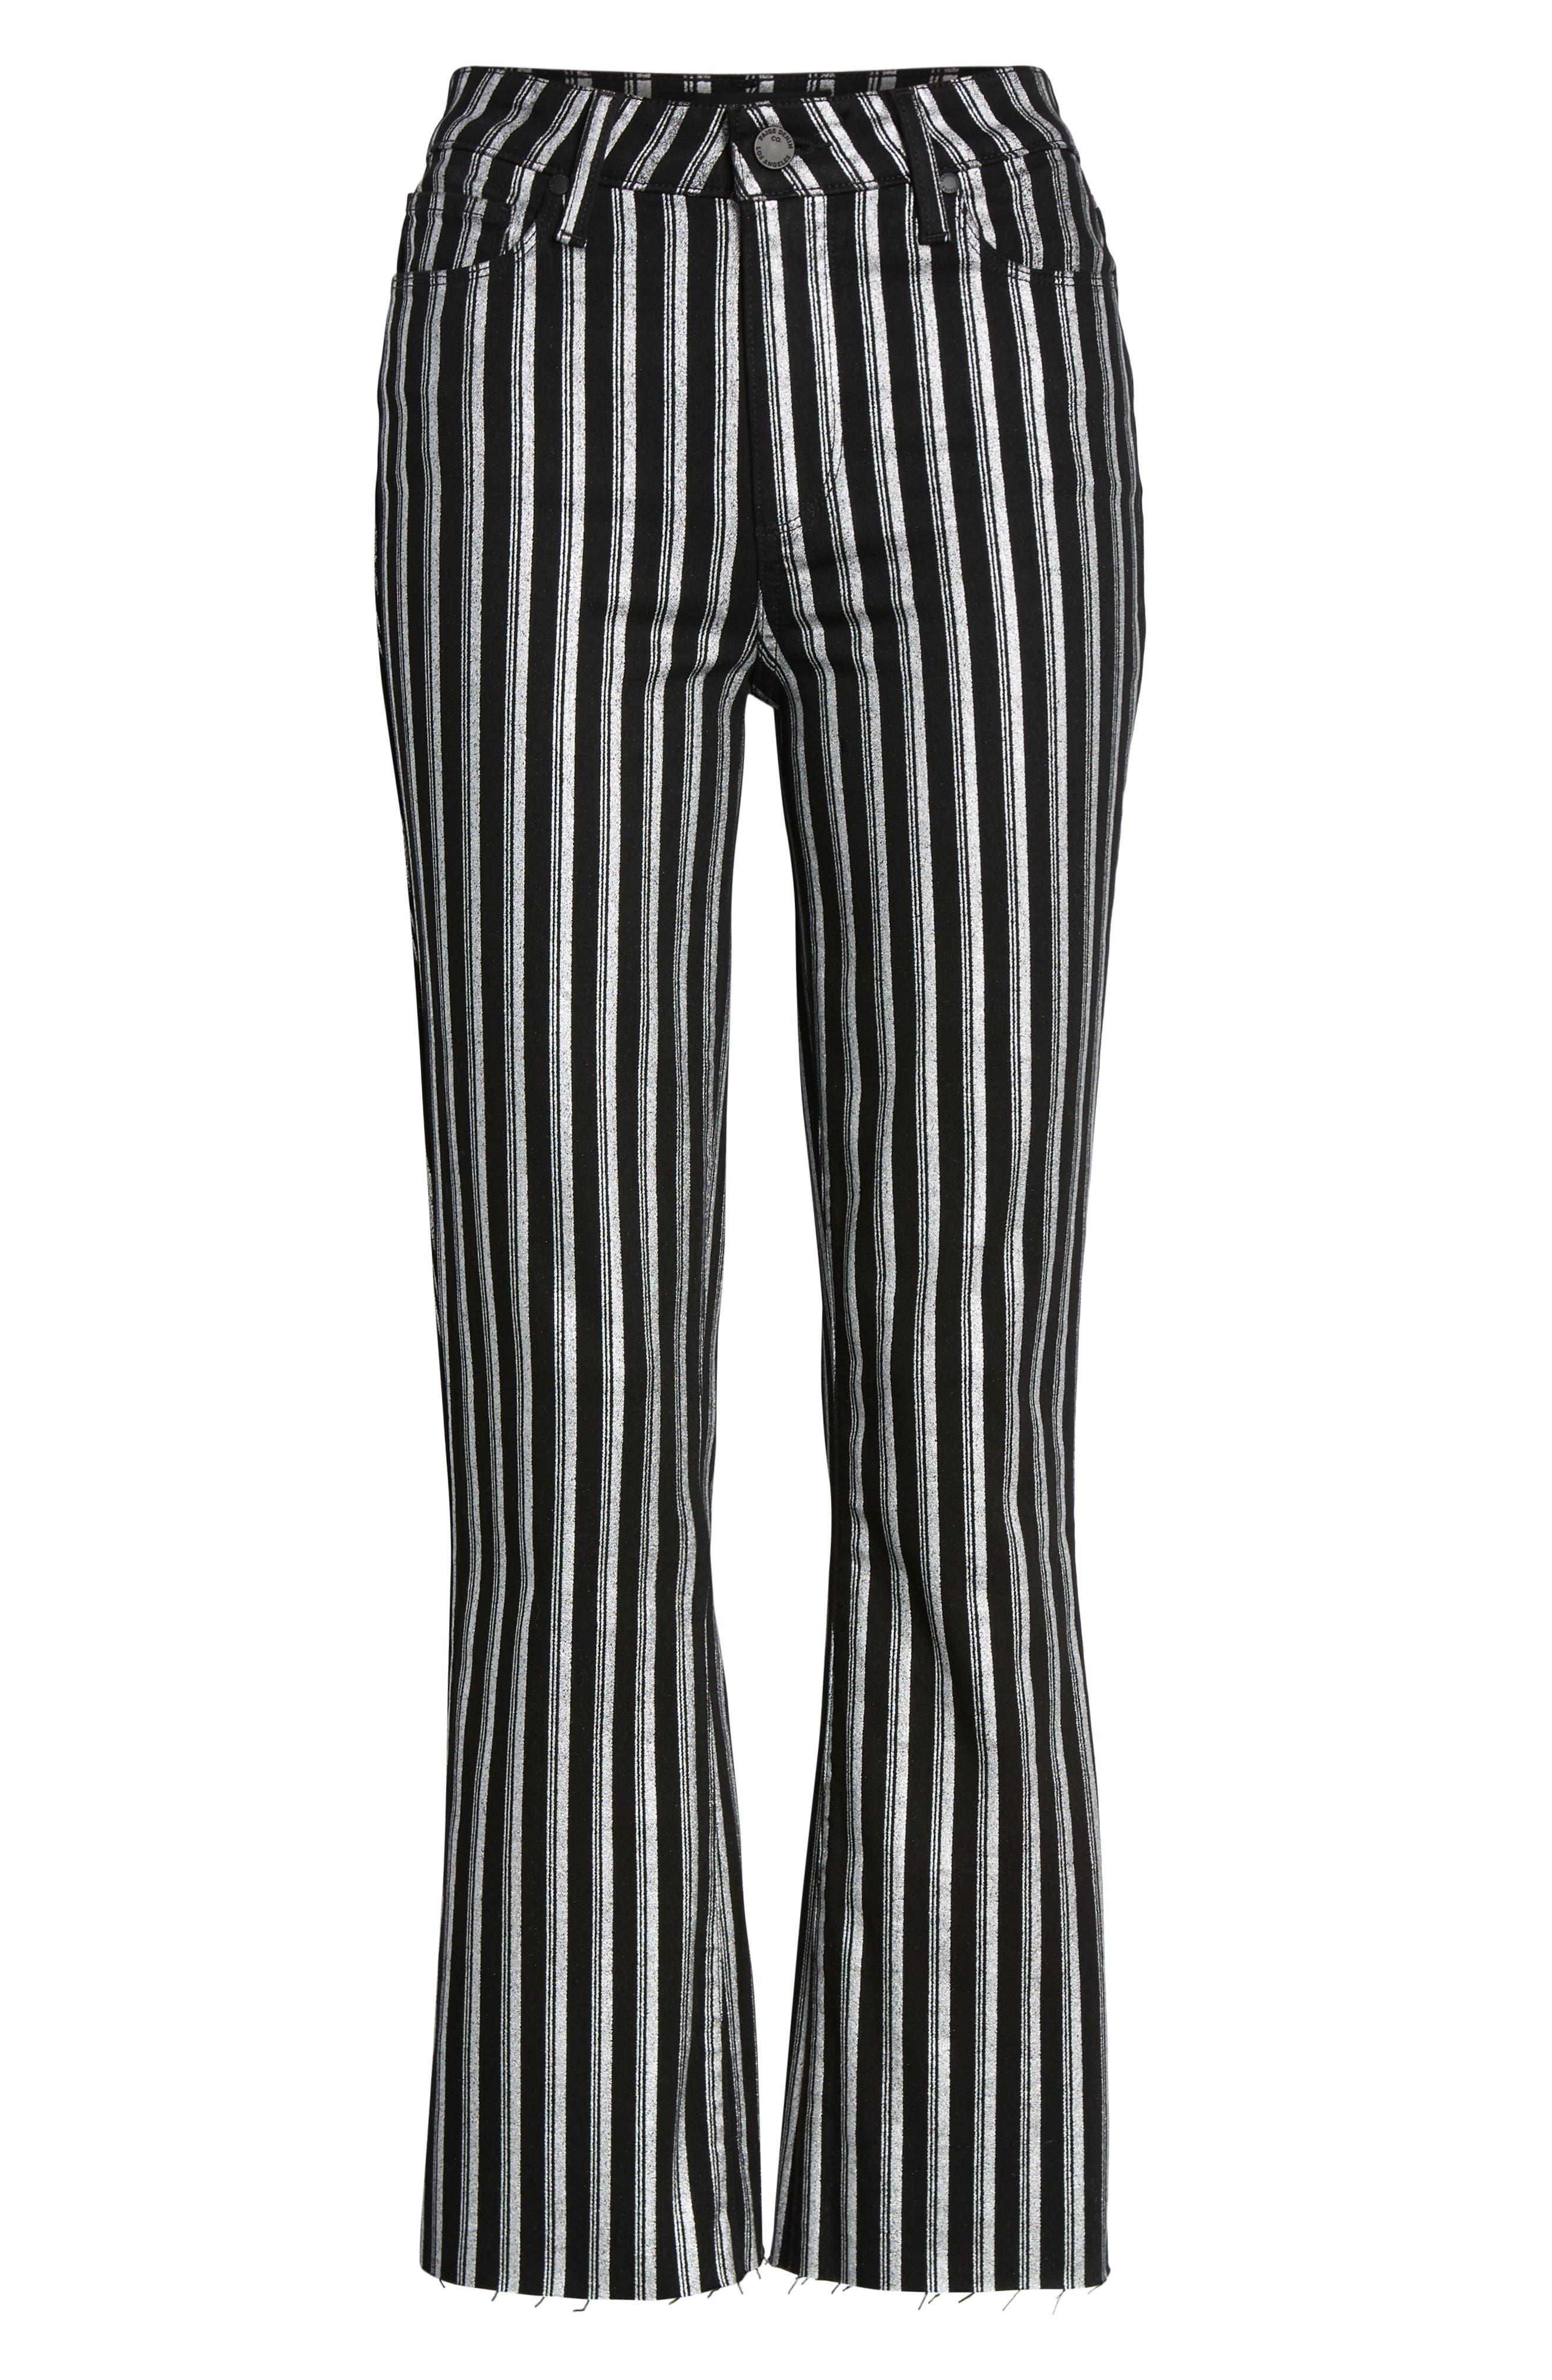 PAIGE, Colette High Waist Crop Flare Jeans, Alternate thumbnail 6, color, SILVER STRIPE